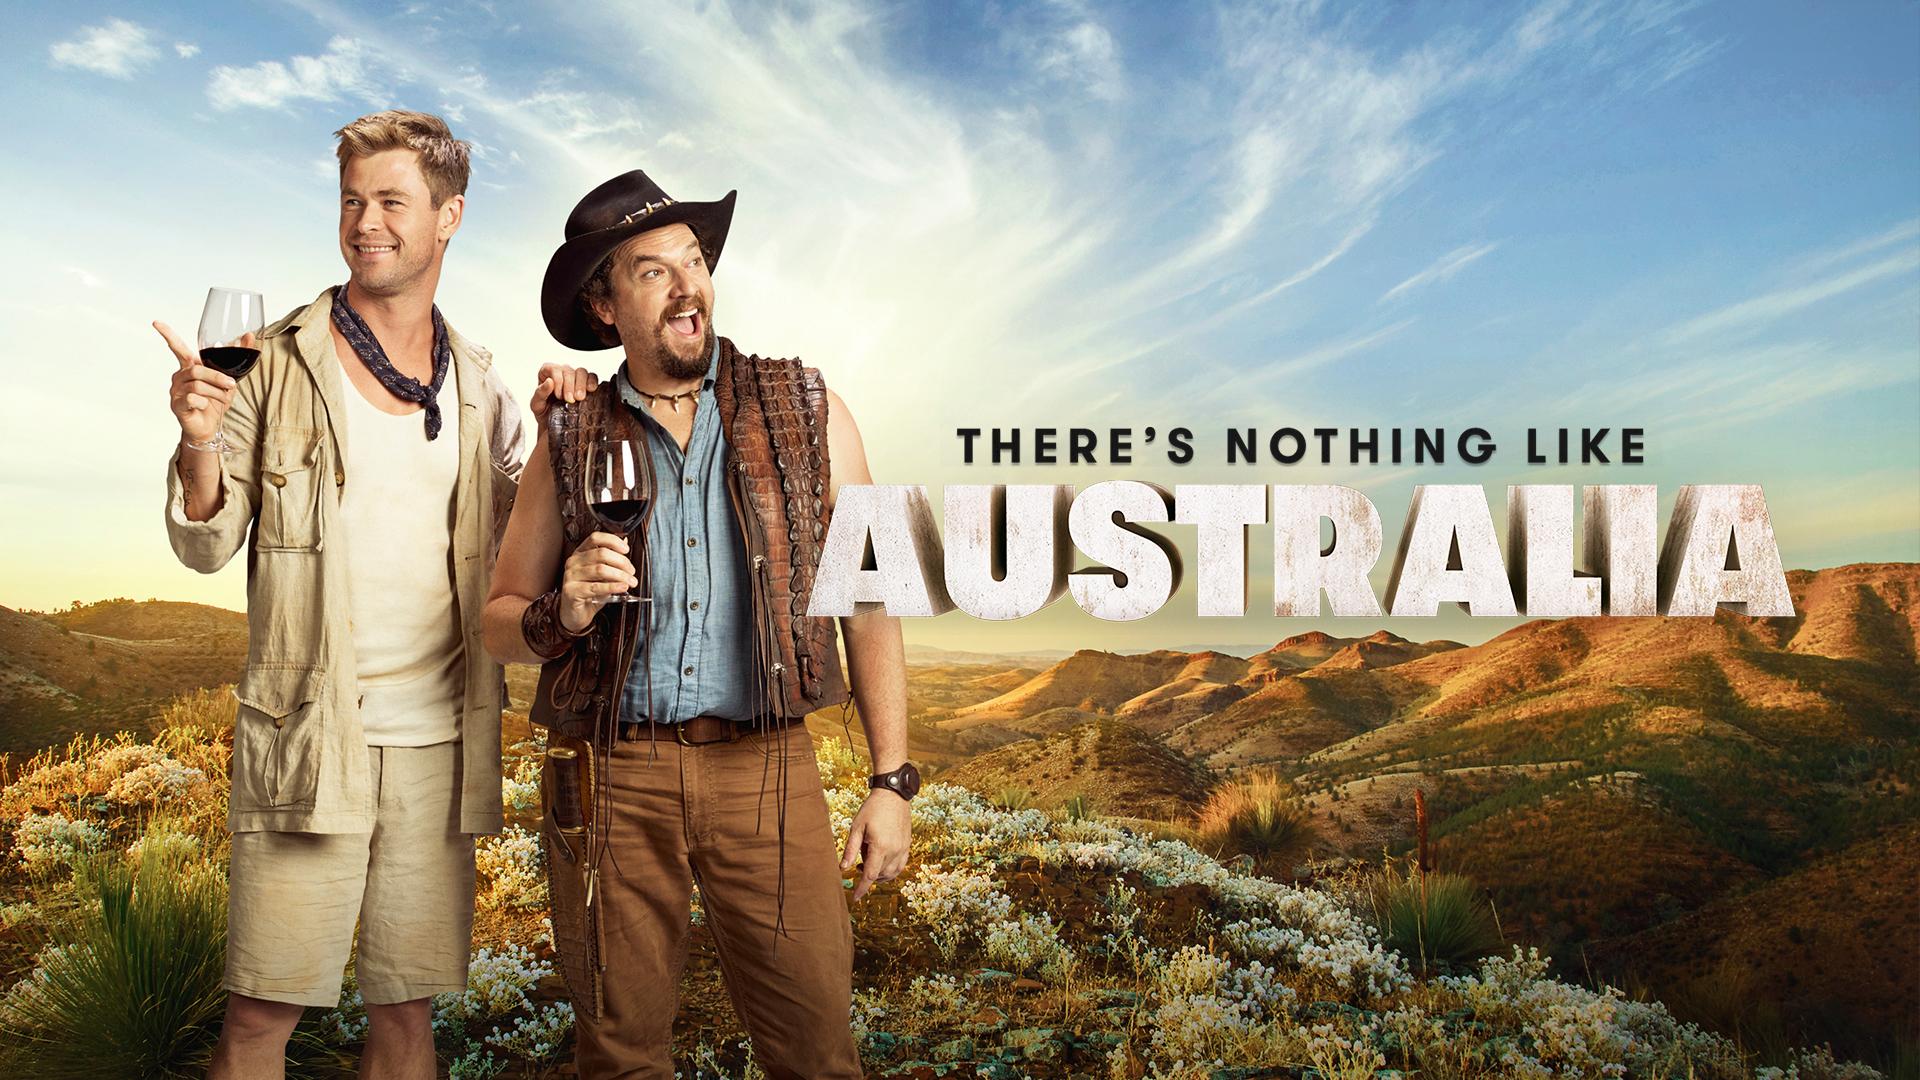 澳大利亚旅游局于超级碗推出以《鳄鱼邓迪》为灵感的旅游宣传片